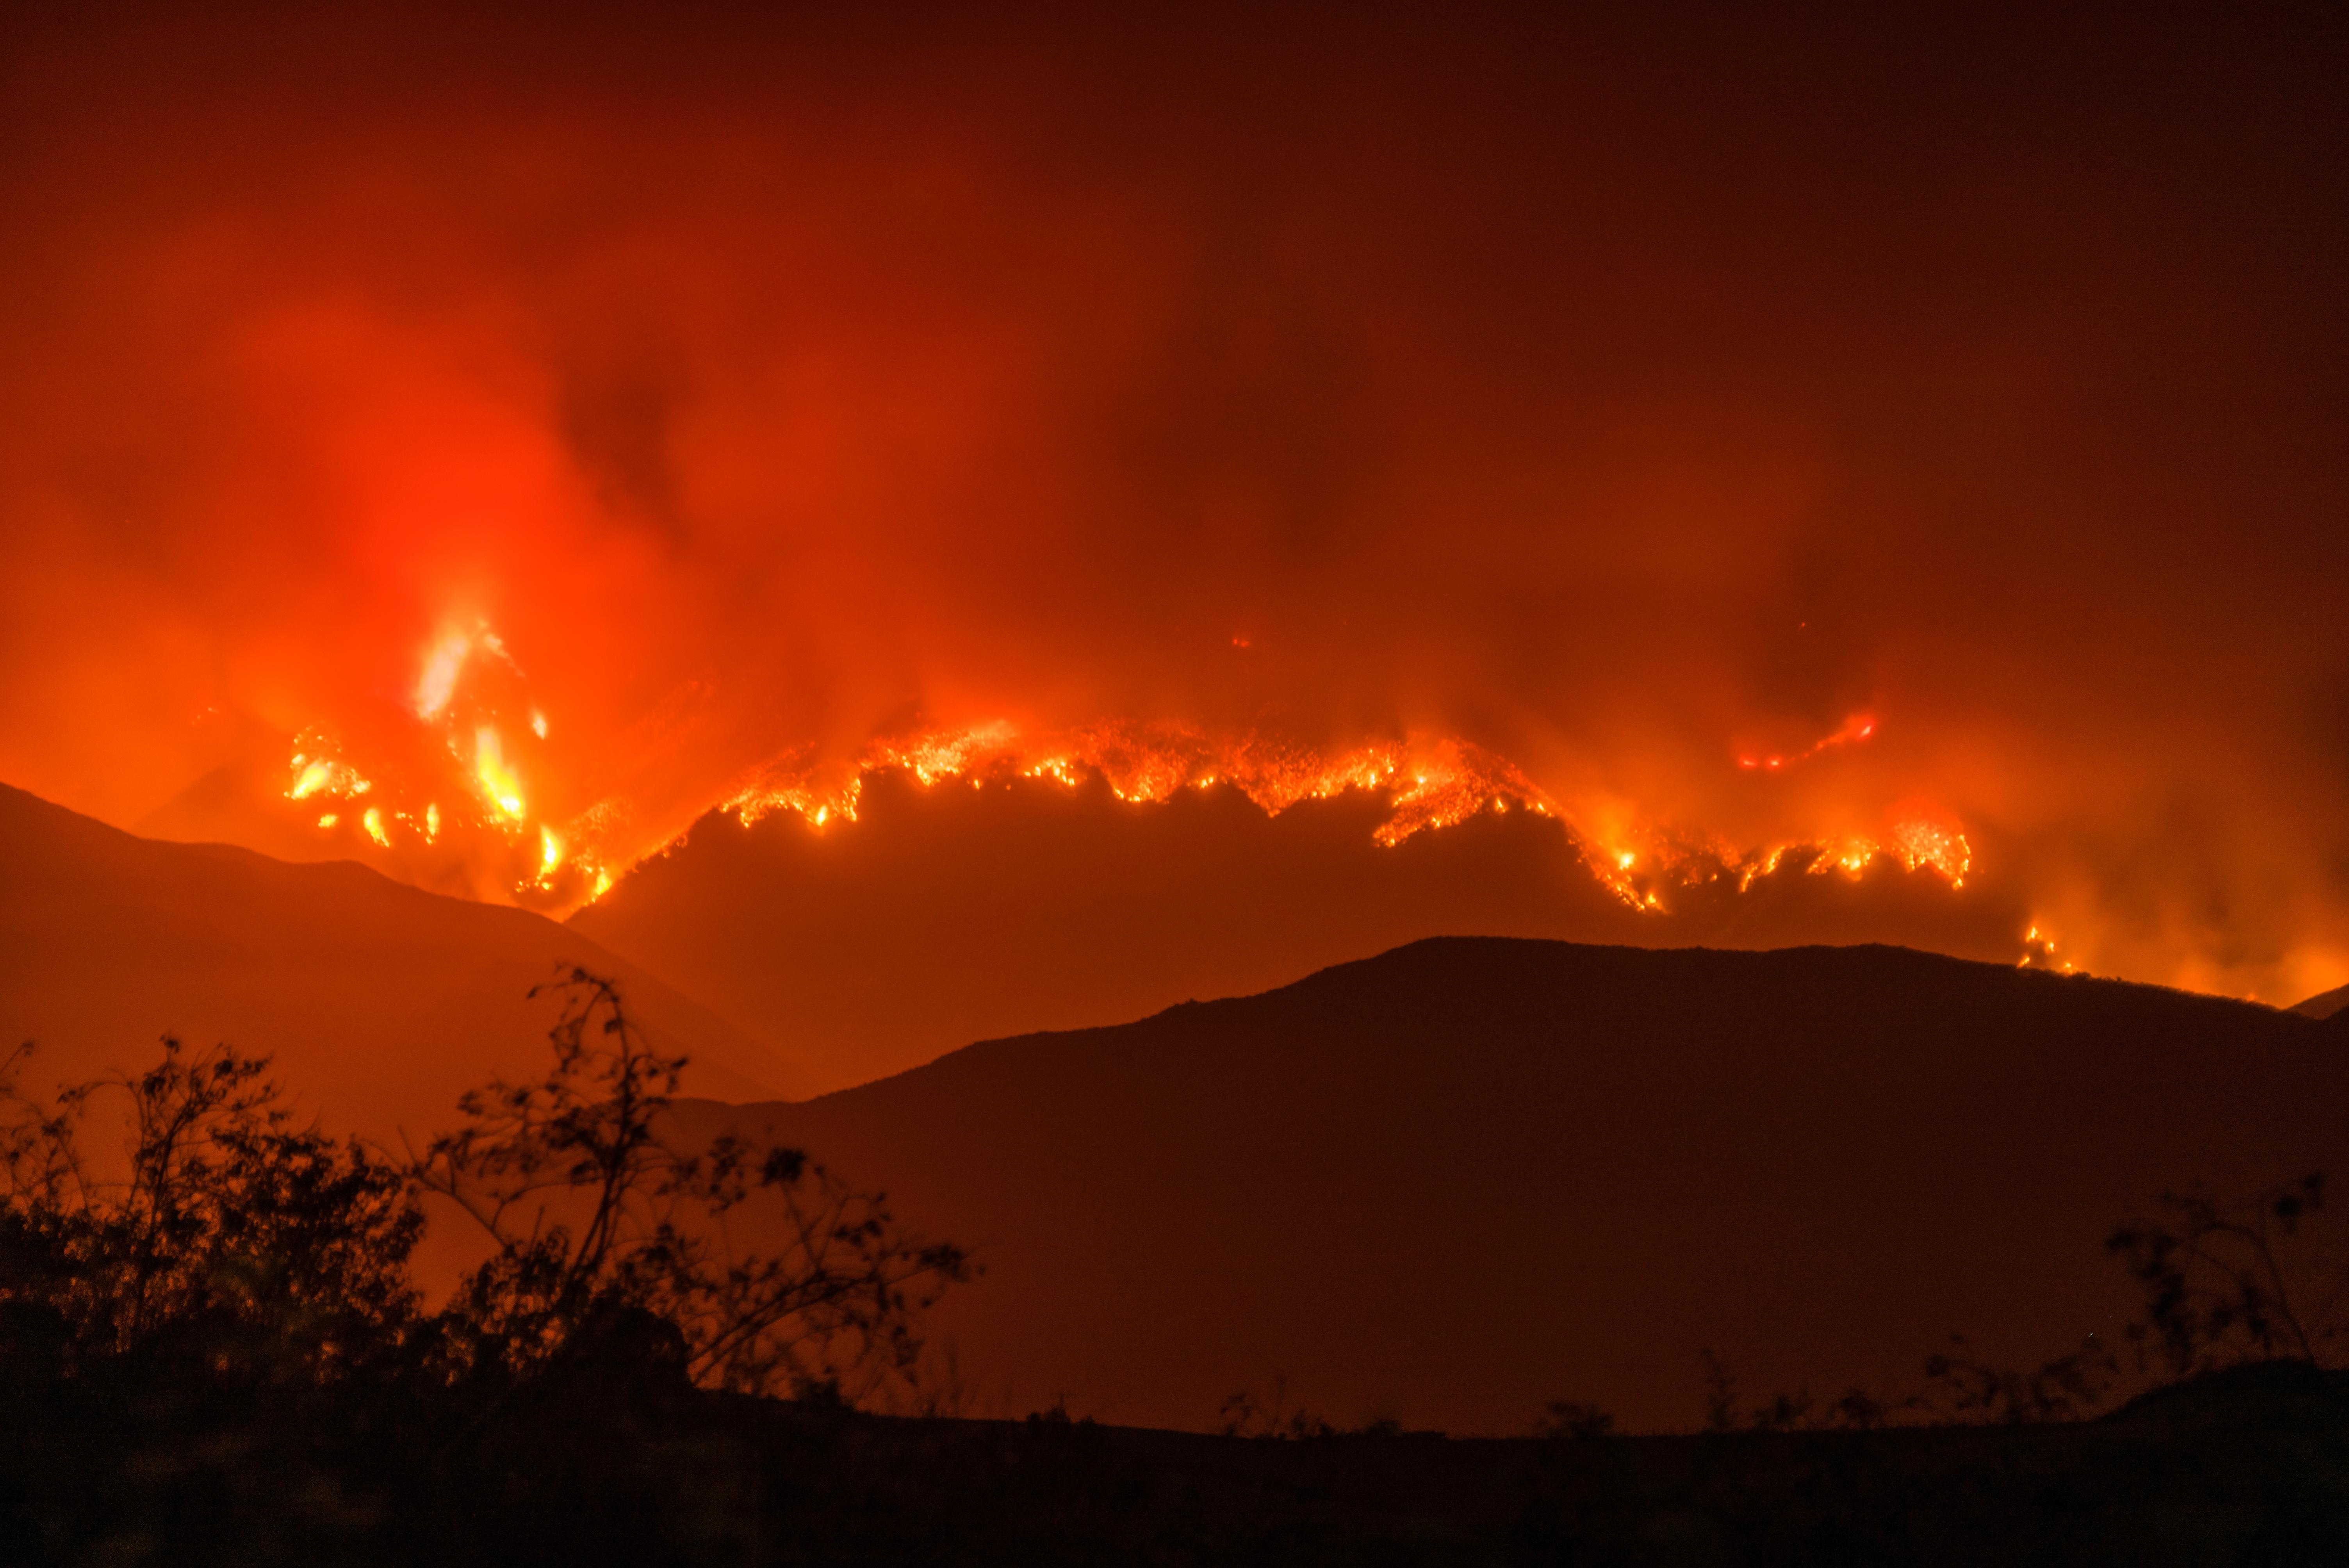 El incendio de Whittier quemó casi 20,000 acres en el condado de Santa Bárbara, California, el verano pasado.